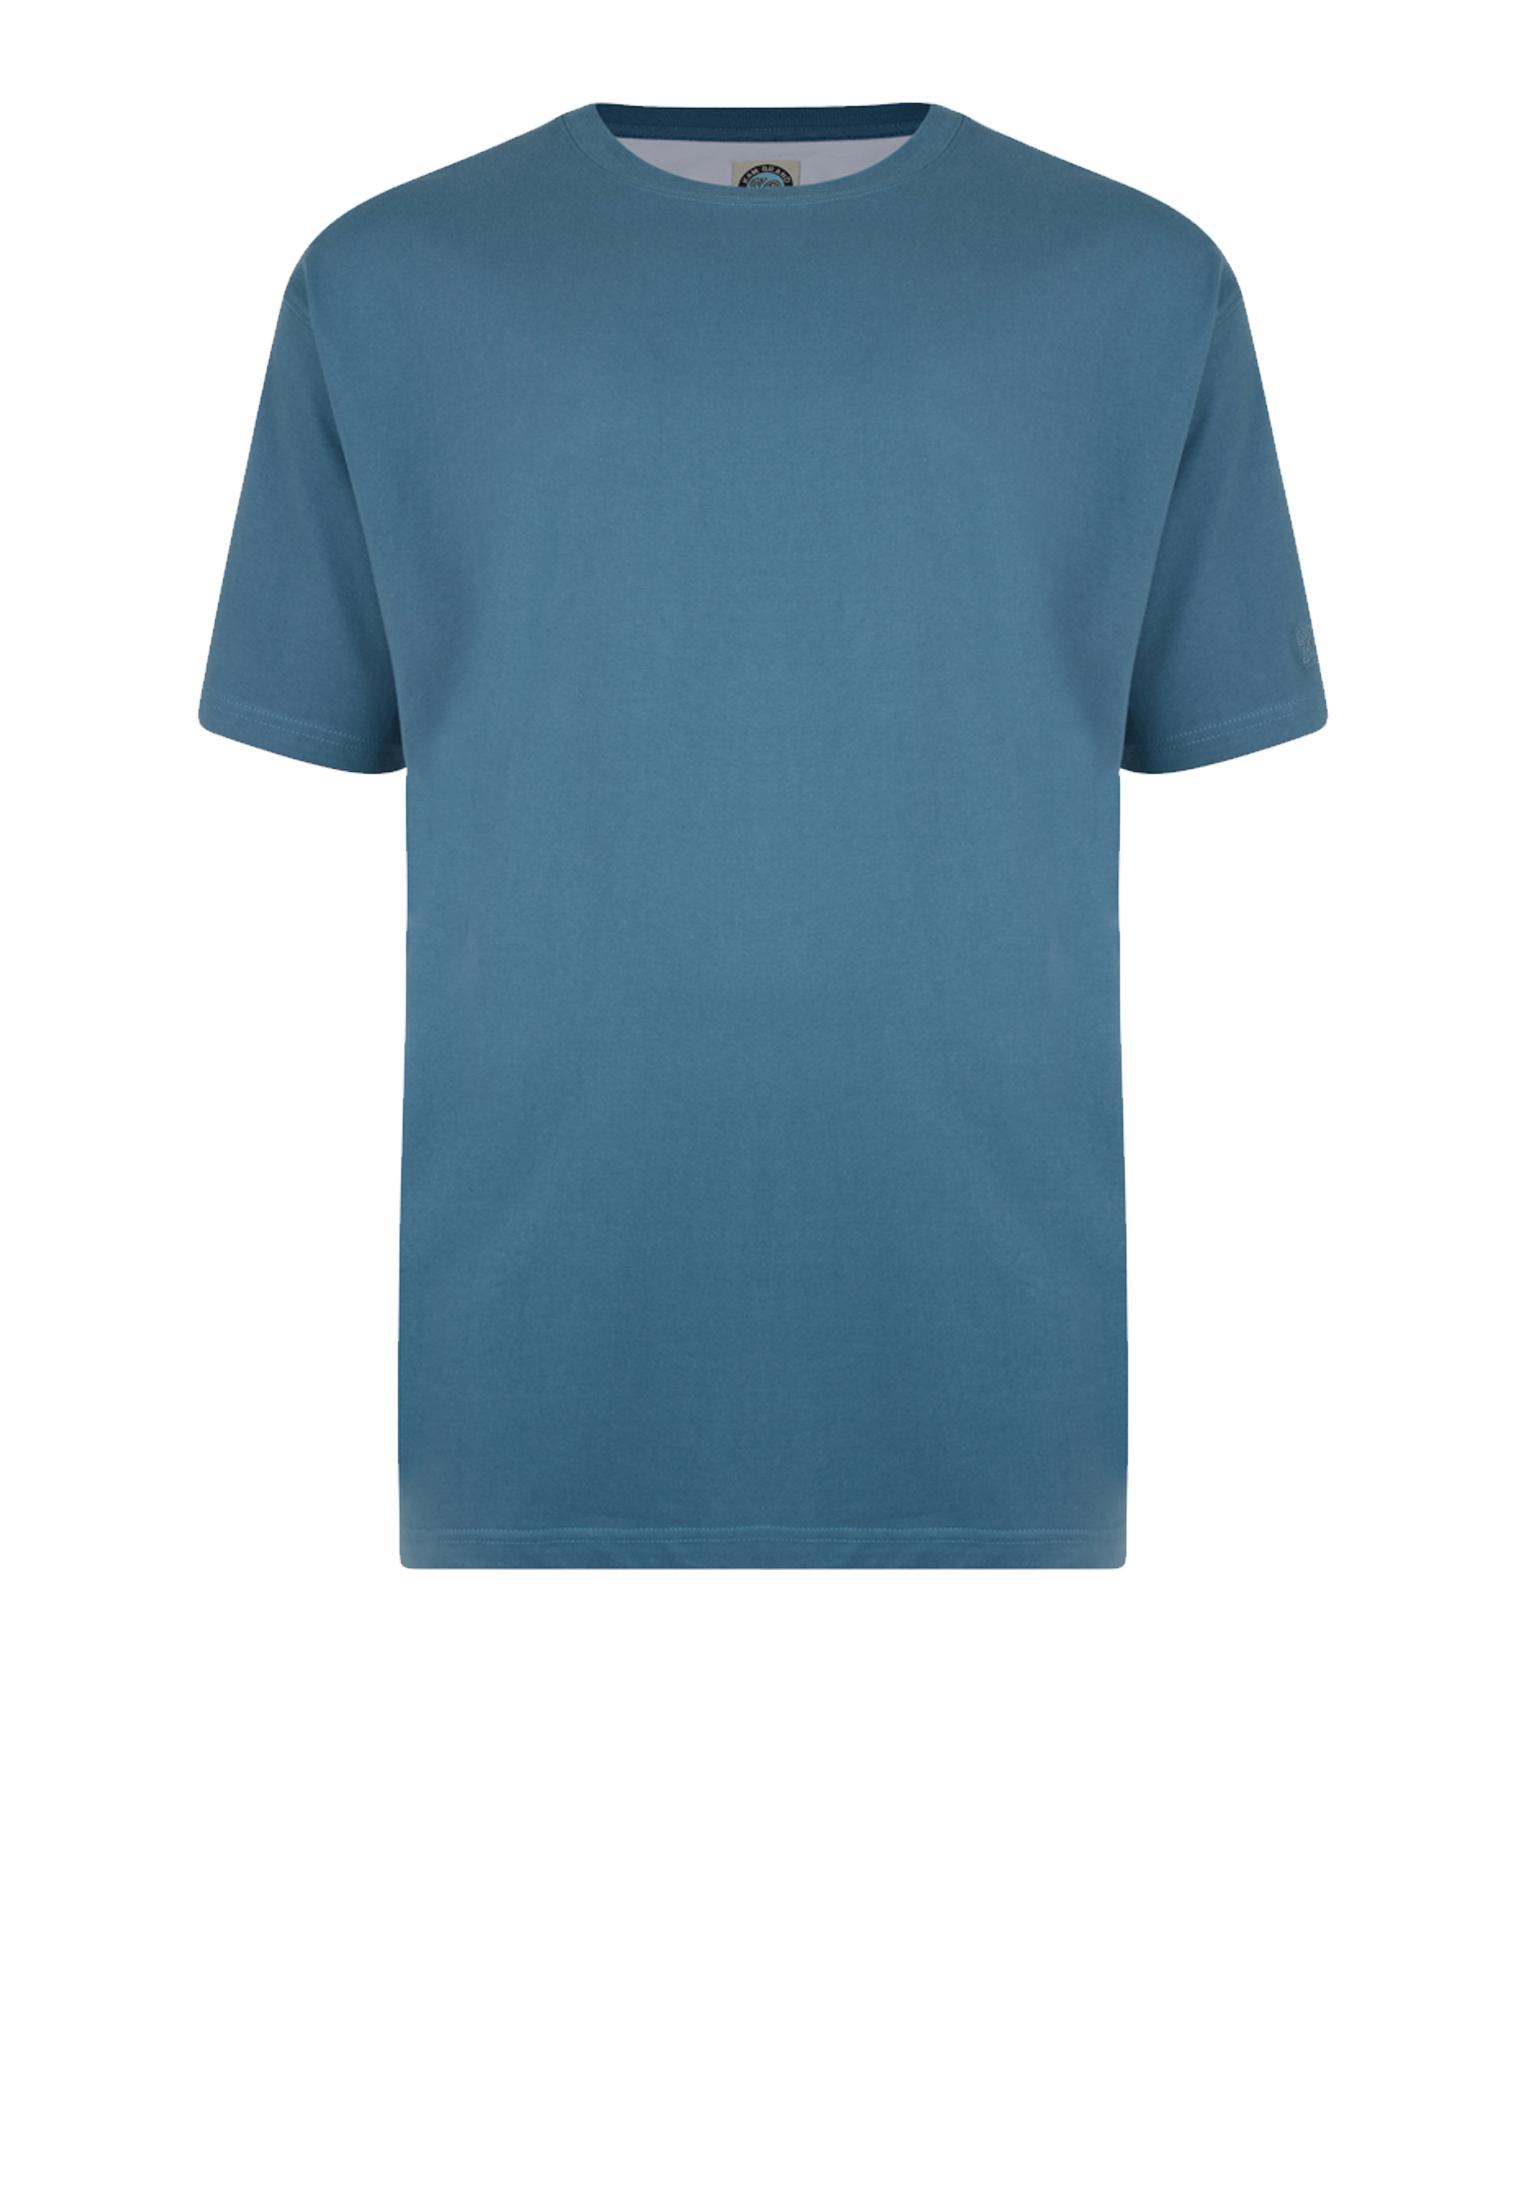 KAM JEANSWEAR effen kleur t-shirt met ronde hals in de kleur denim.